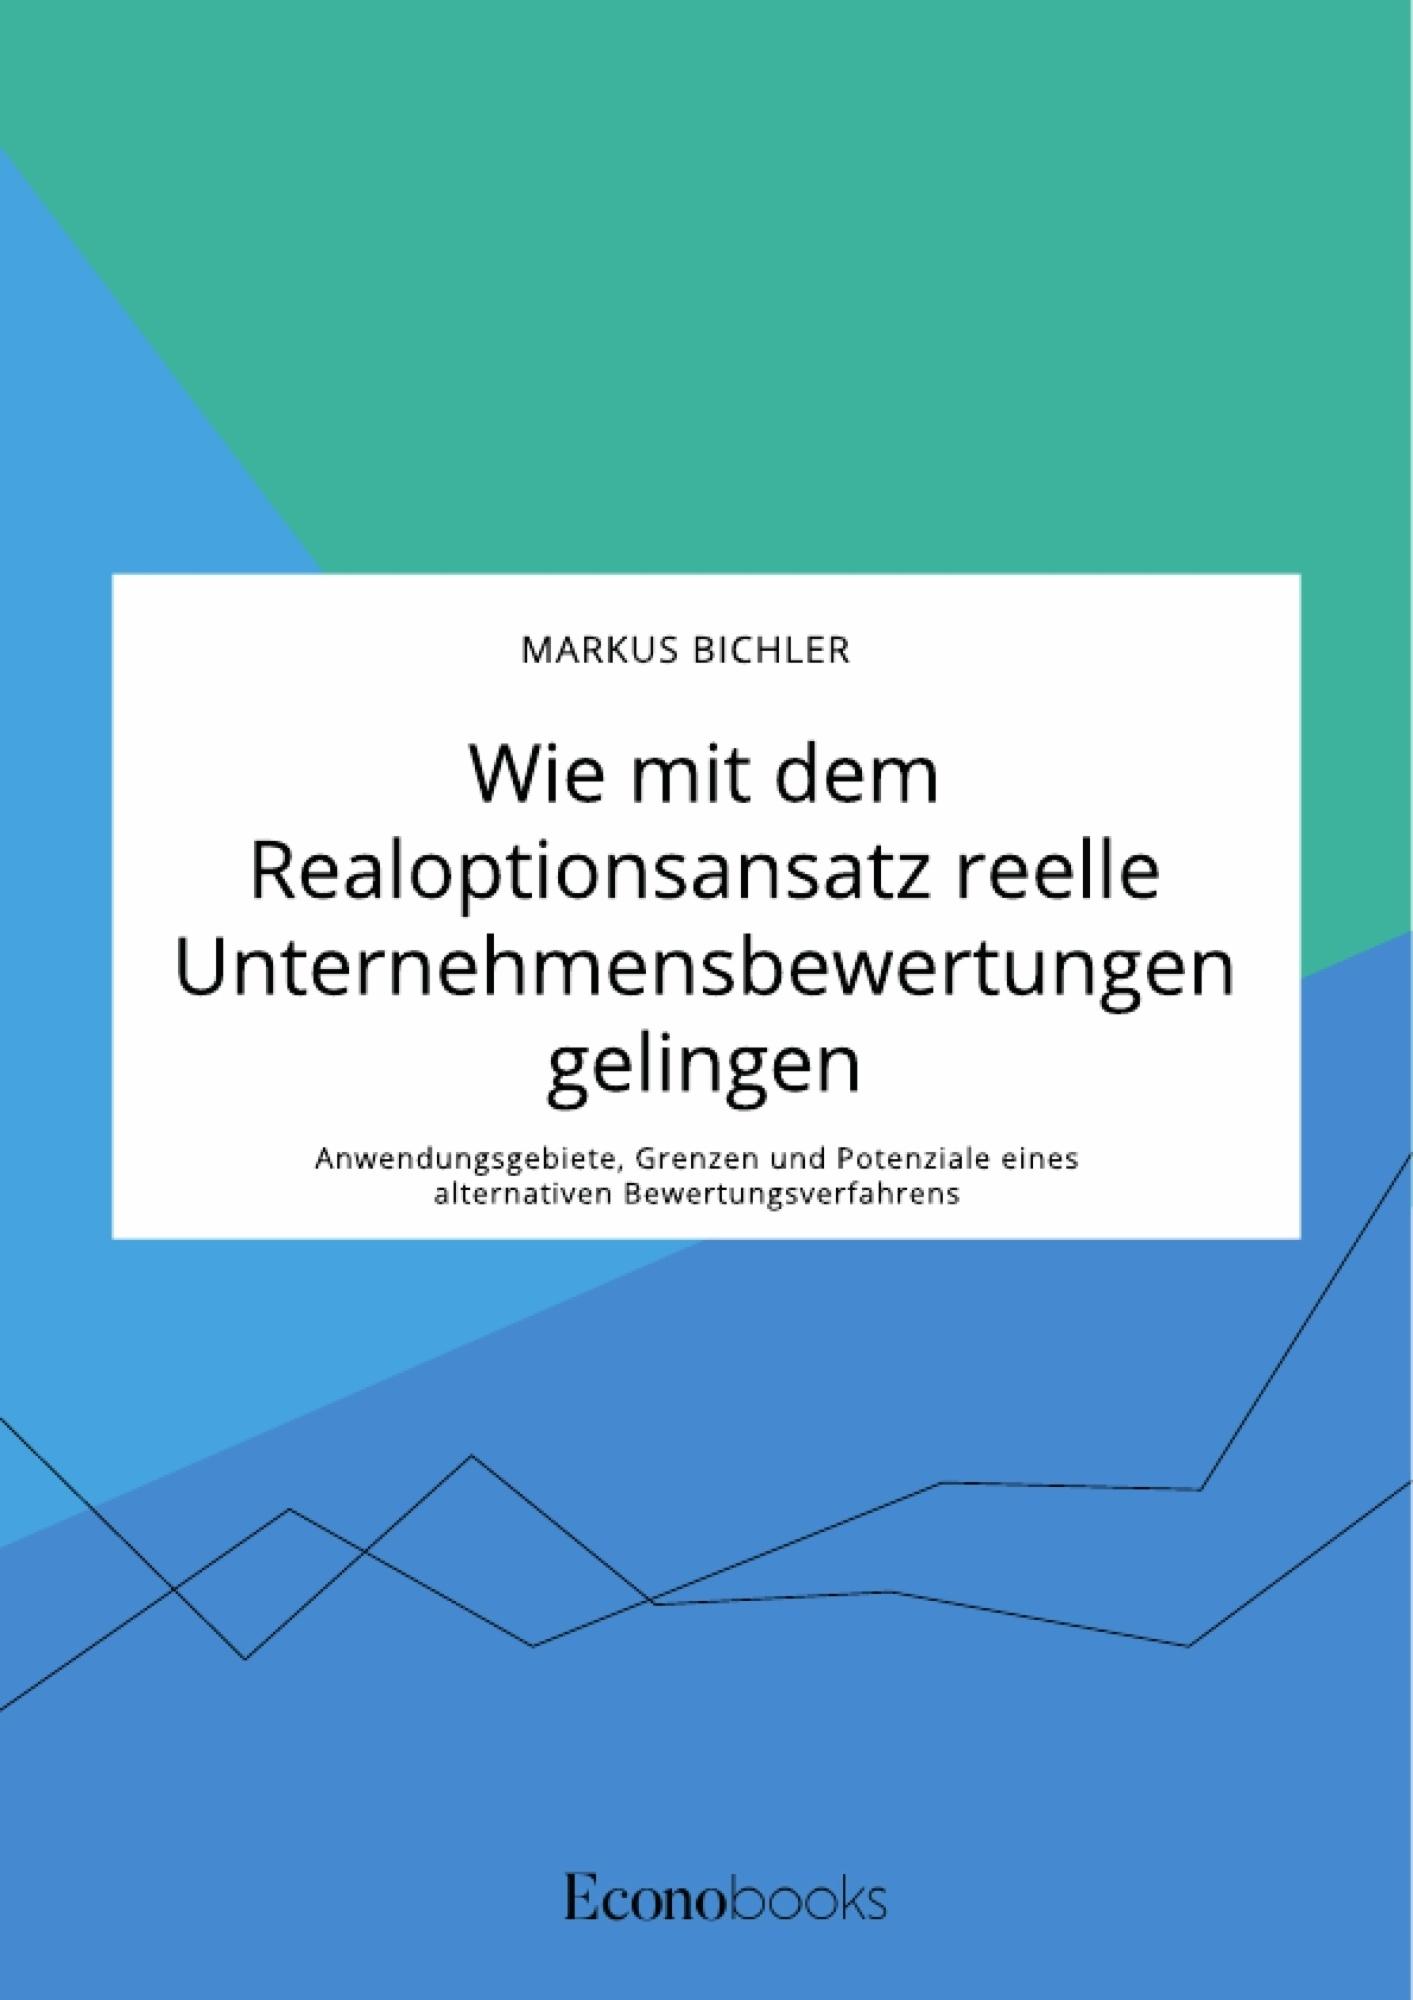 Titre: Wie mit dem Realoptionsansatz reelle Unternehmensbewertungen gelingen. Anwendungsgebiete, Grenzen und Potenziale eines alternativen Bewertungsverfahrens